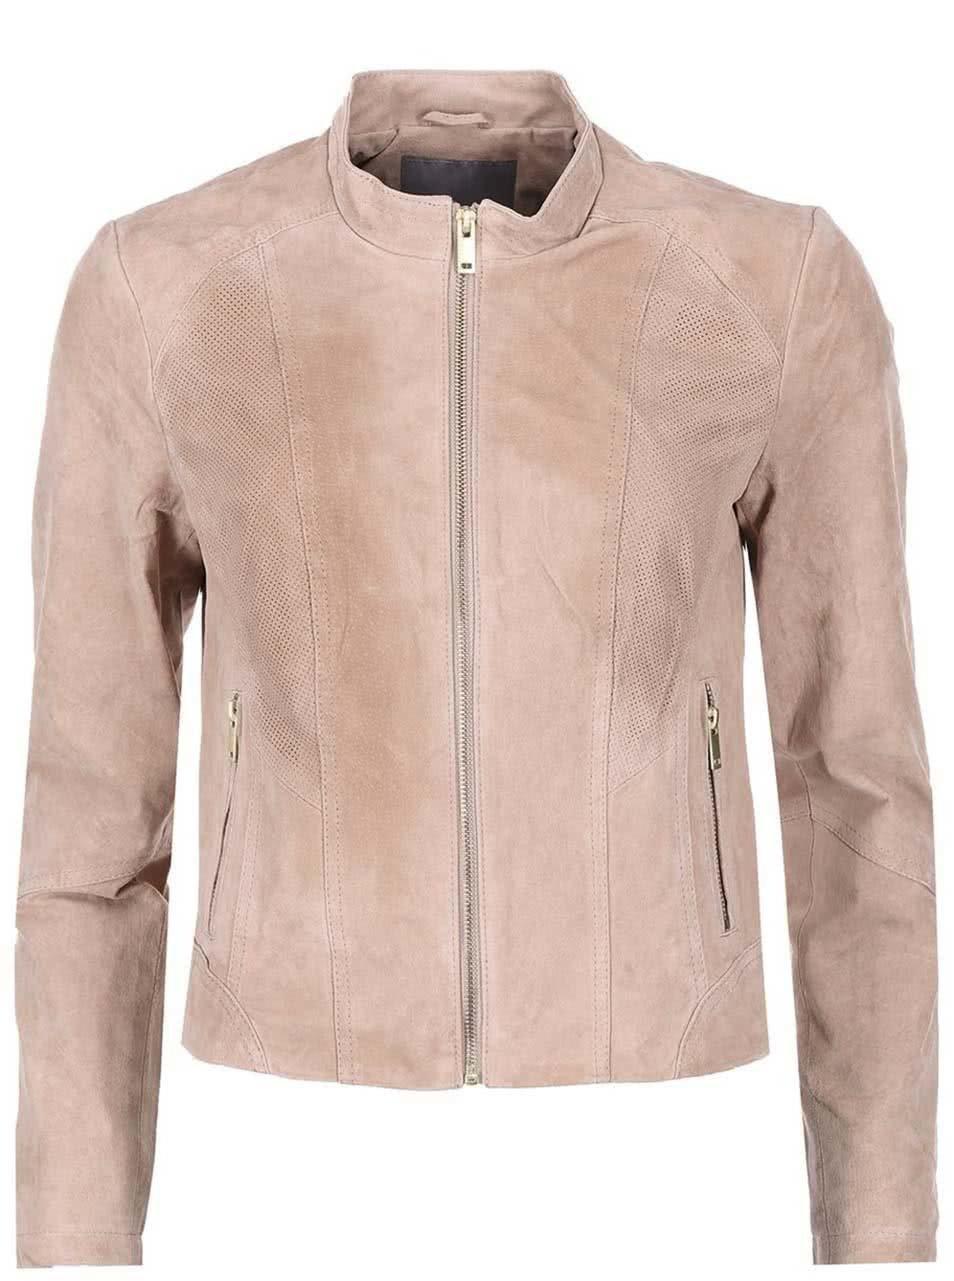 fd7ac0947 Staroružová kožená bunda VERO MODA Sharon | ZOOT.sk